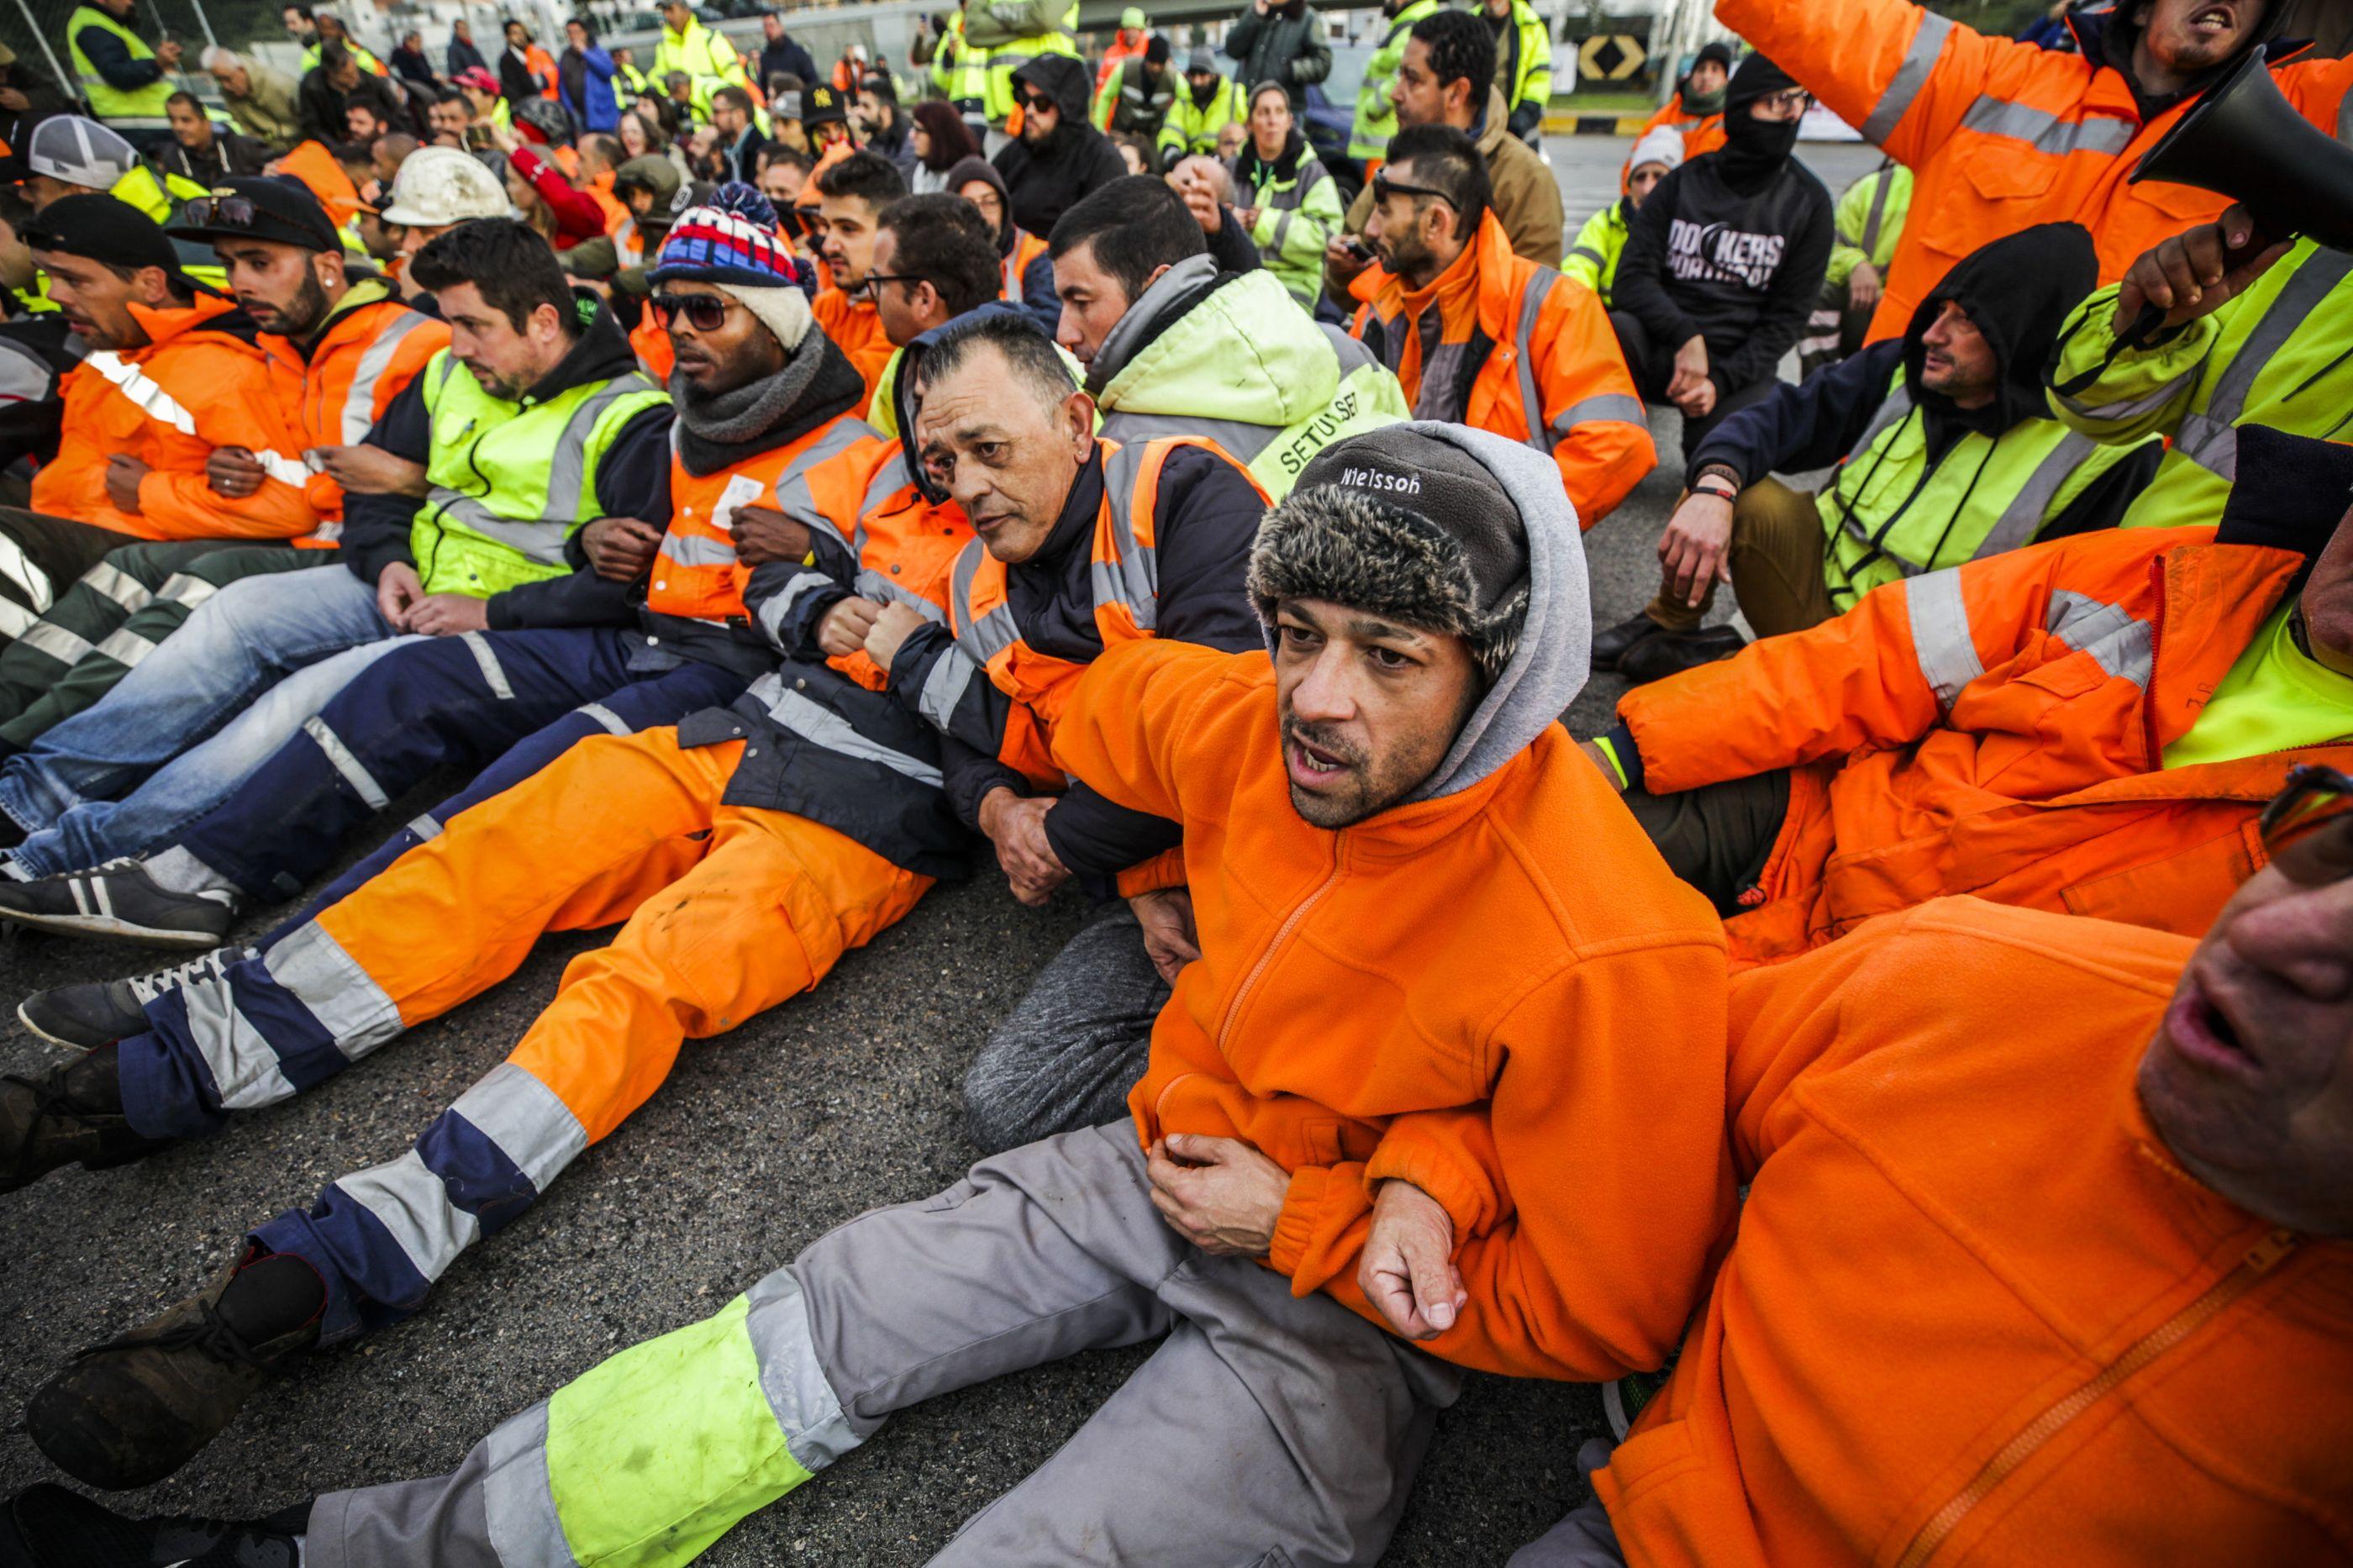 Sindicato acusado de usar e abusar dos trabalhadores do porto de Setúbal